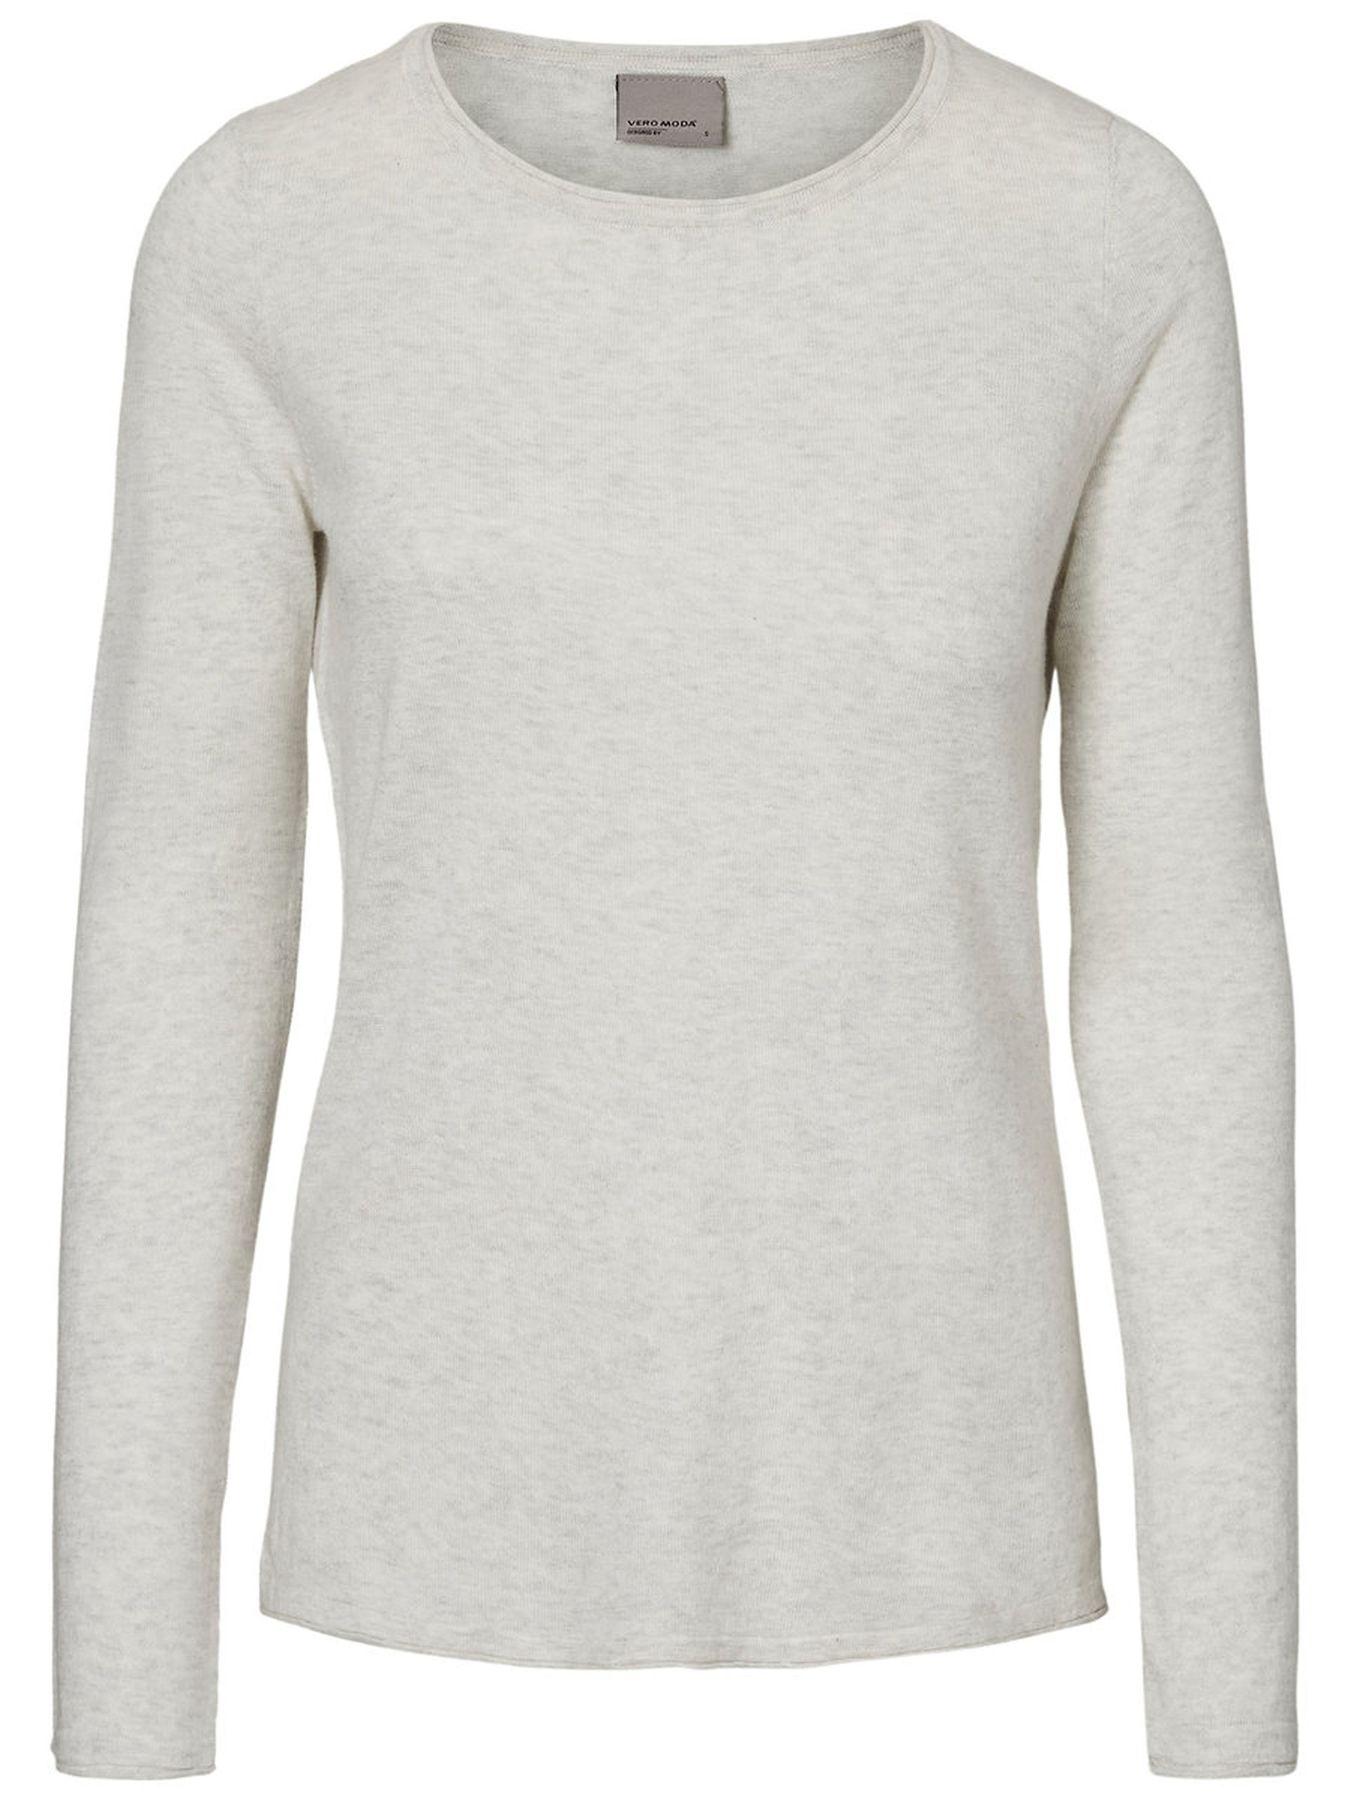 VERO MODA - Damen Shirt in grey oder navy (10181871) – Bild 4